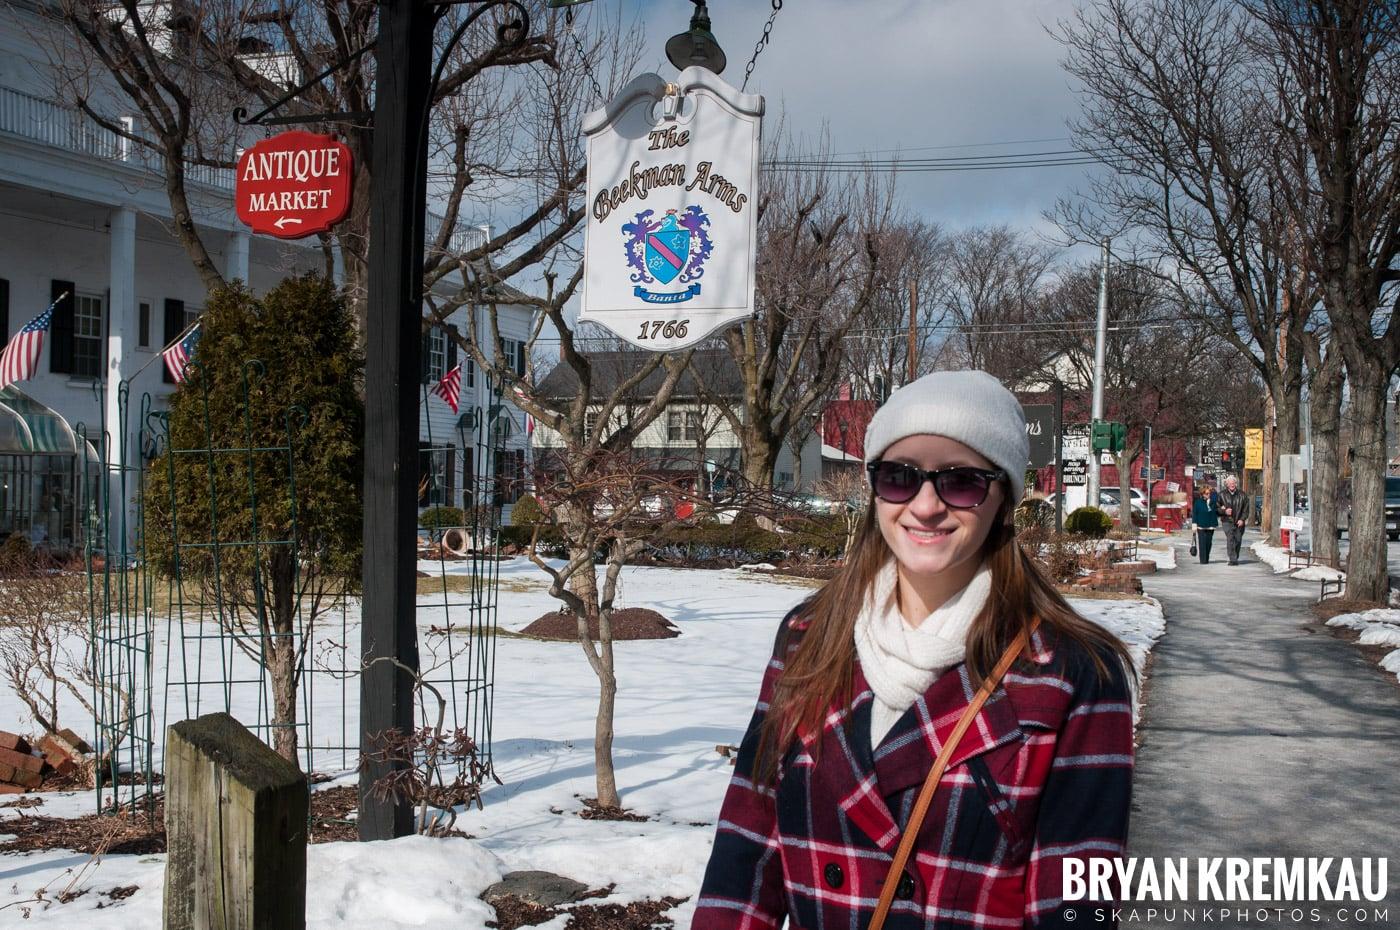 Valentine's Day Trip @ Rhinebeck, FDR's Home, Vanderbilt, Wilderstein Historic Site, NY - 2.14.10 (65)